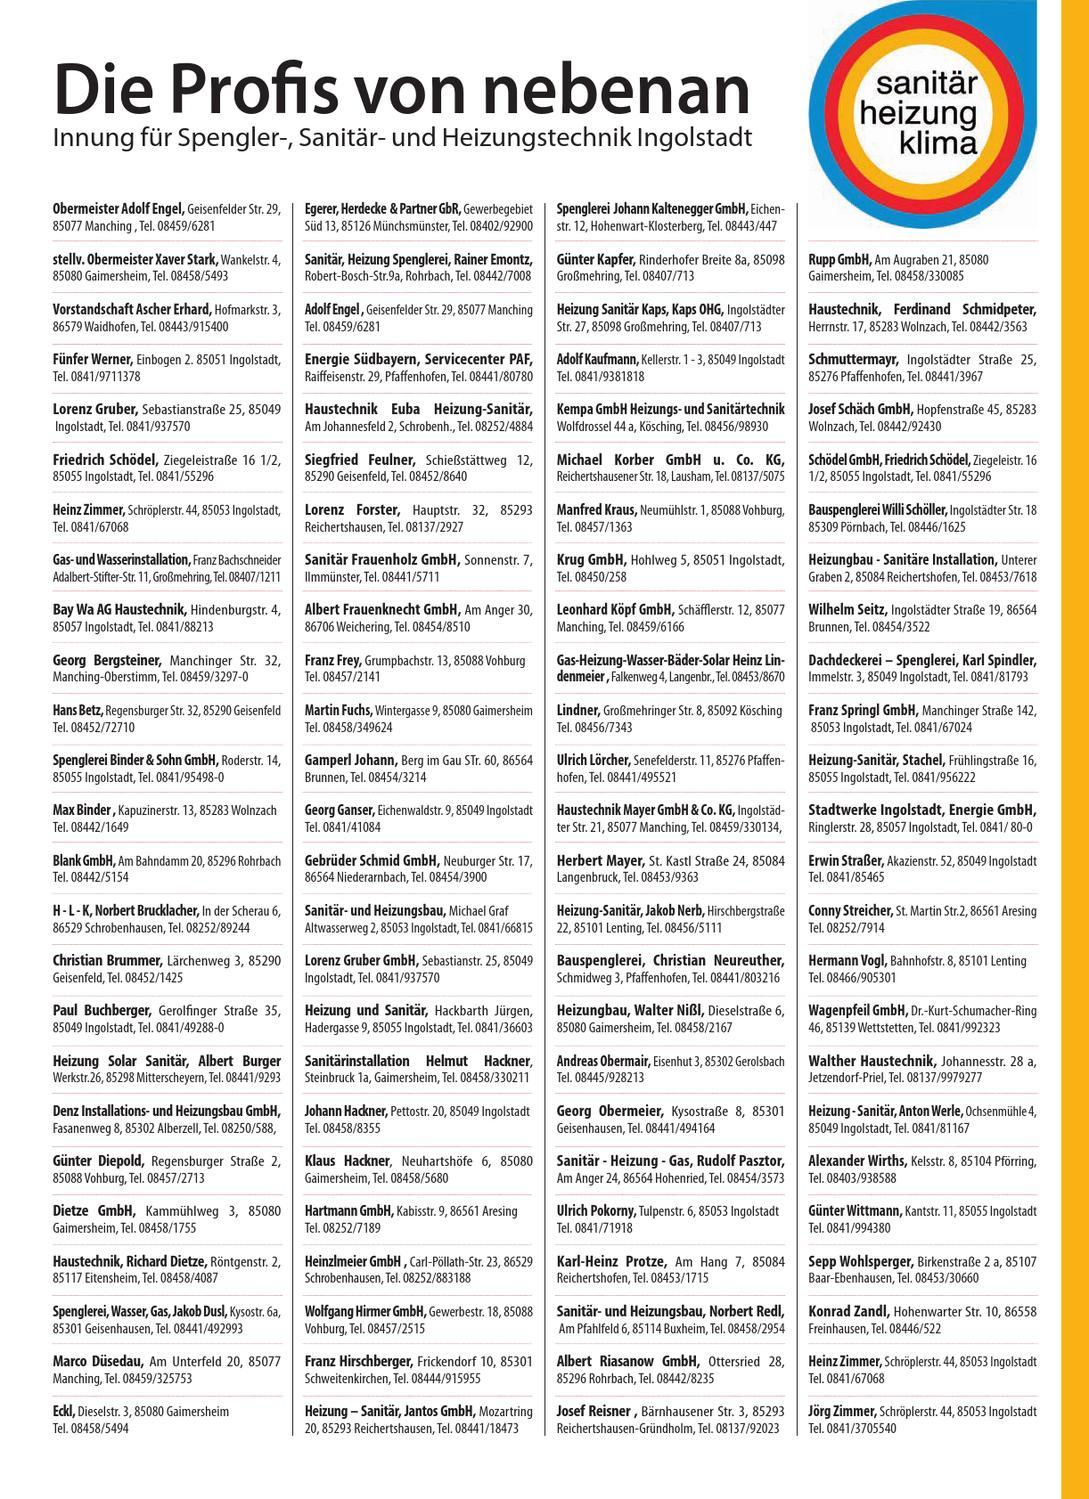 Heizungsbauer Ingolstadt 2013 05 espresso by espresso magazin issuu